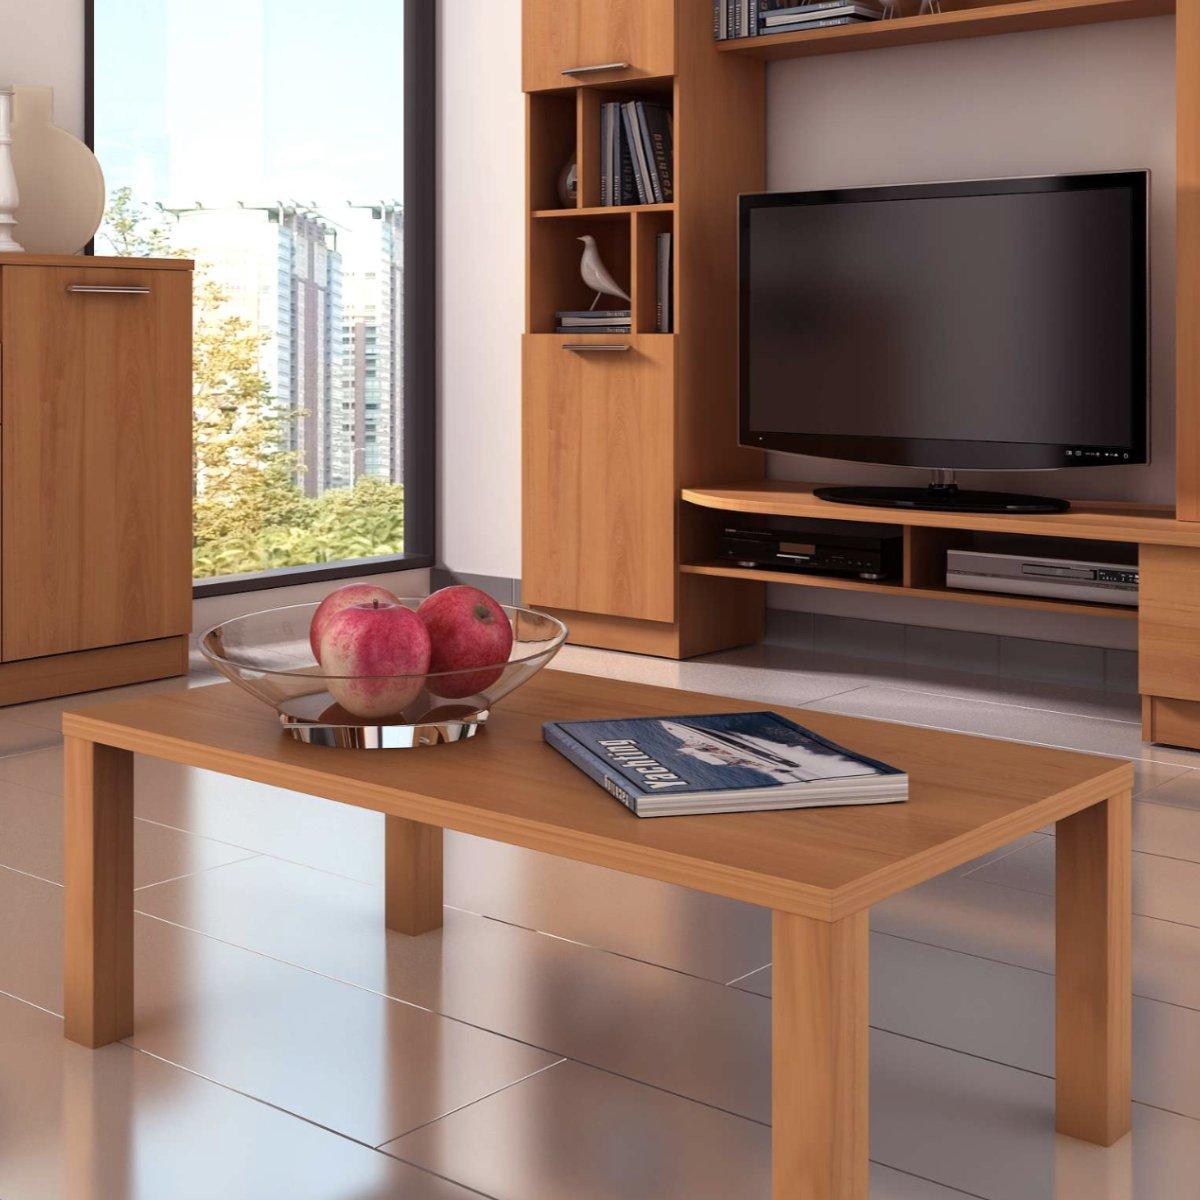 Mesa de centro de color cerezo de salón comedor. Mesita fabricada ...